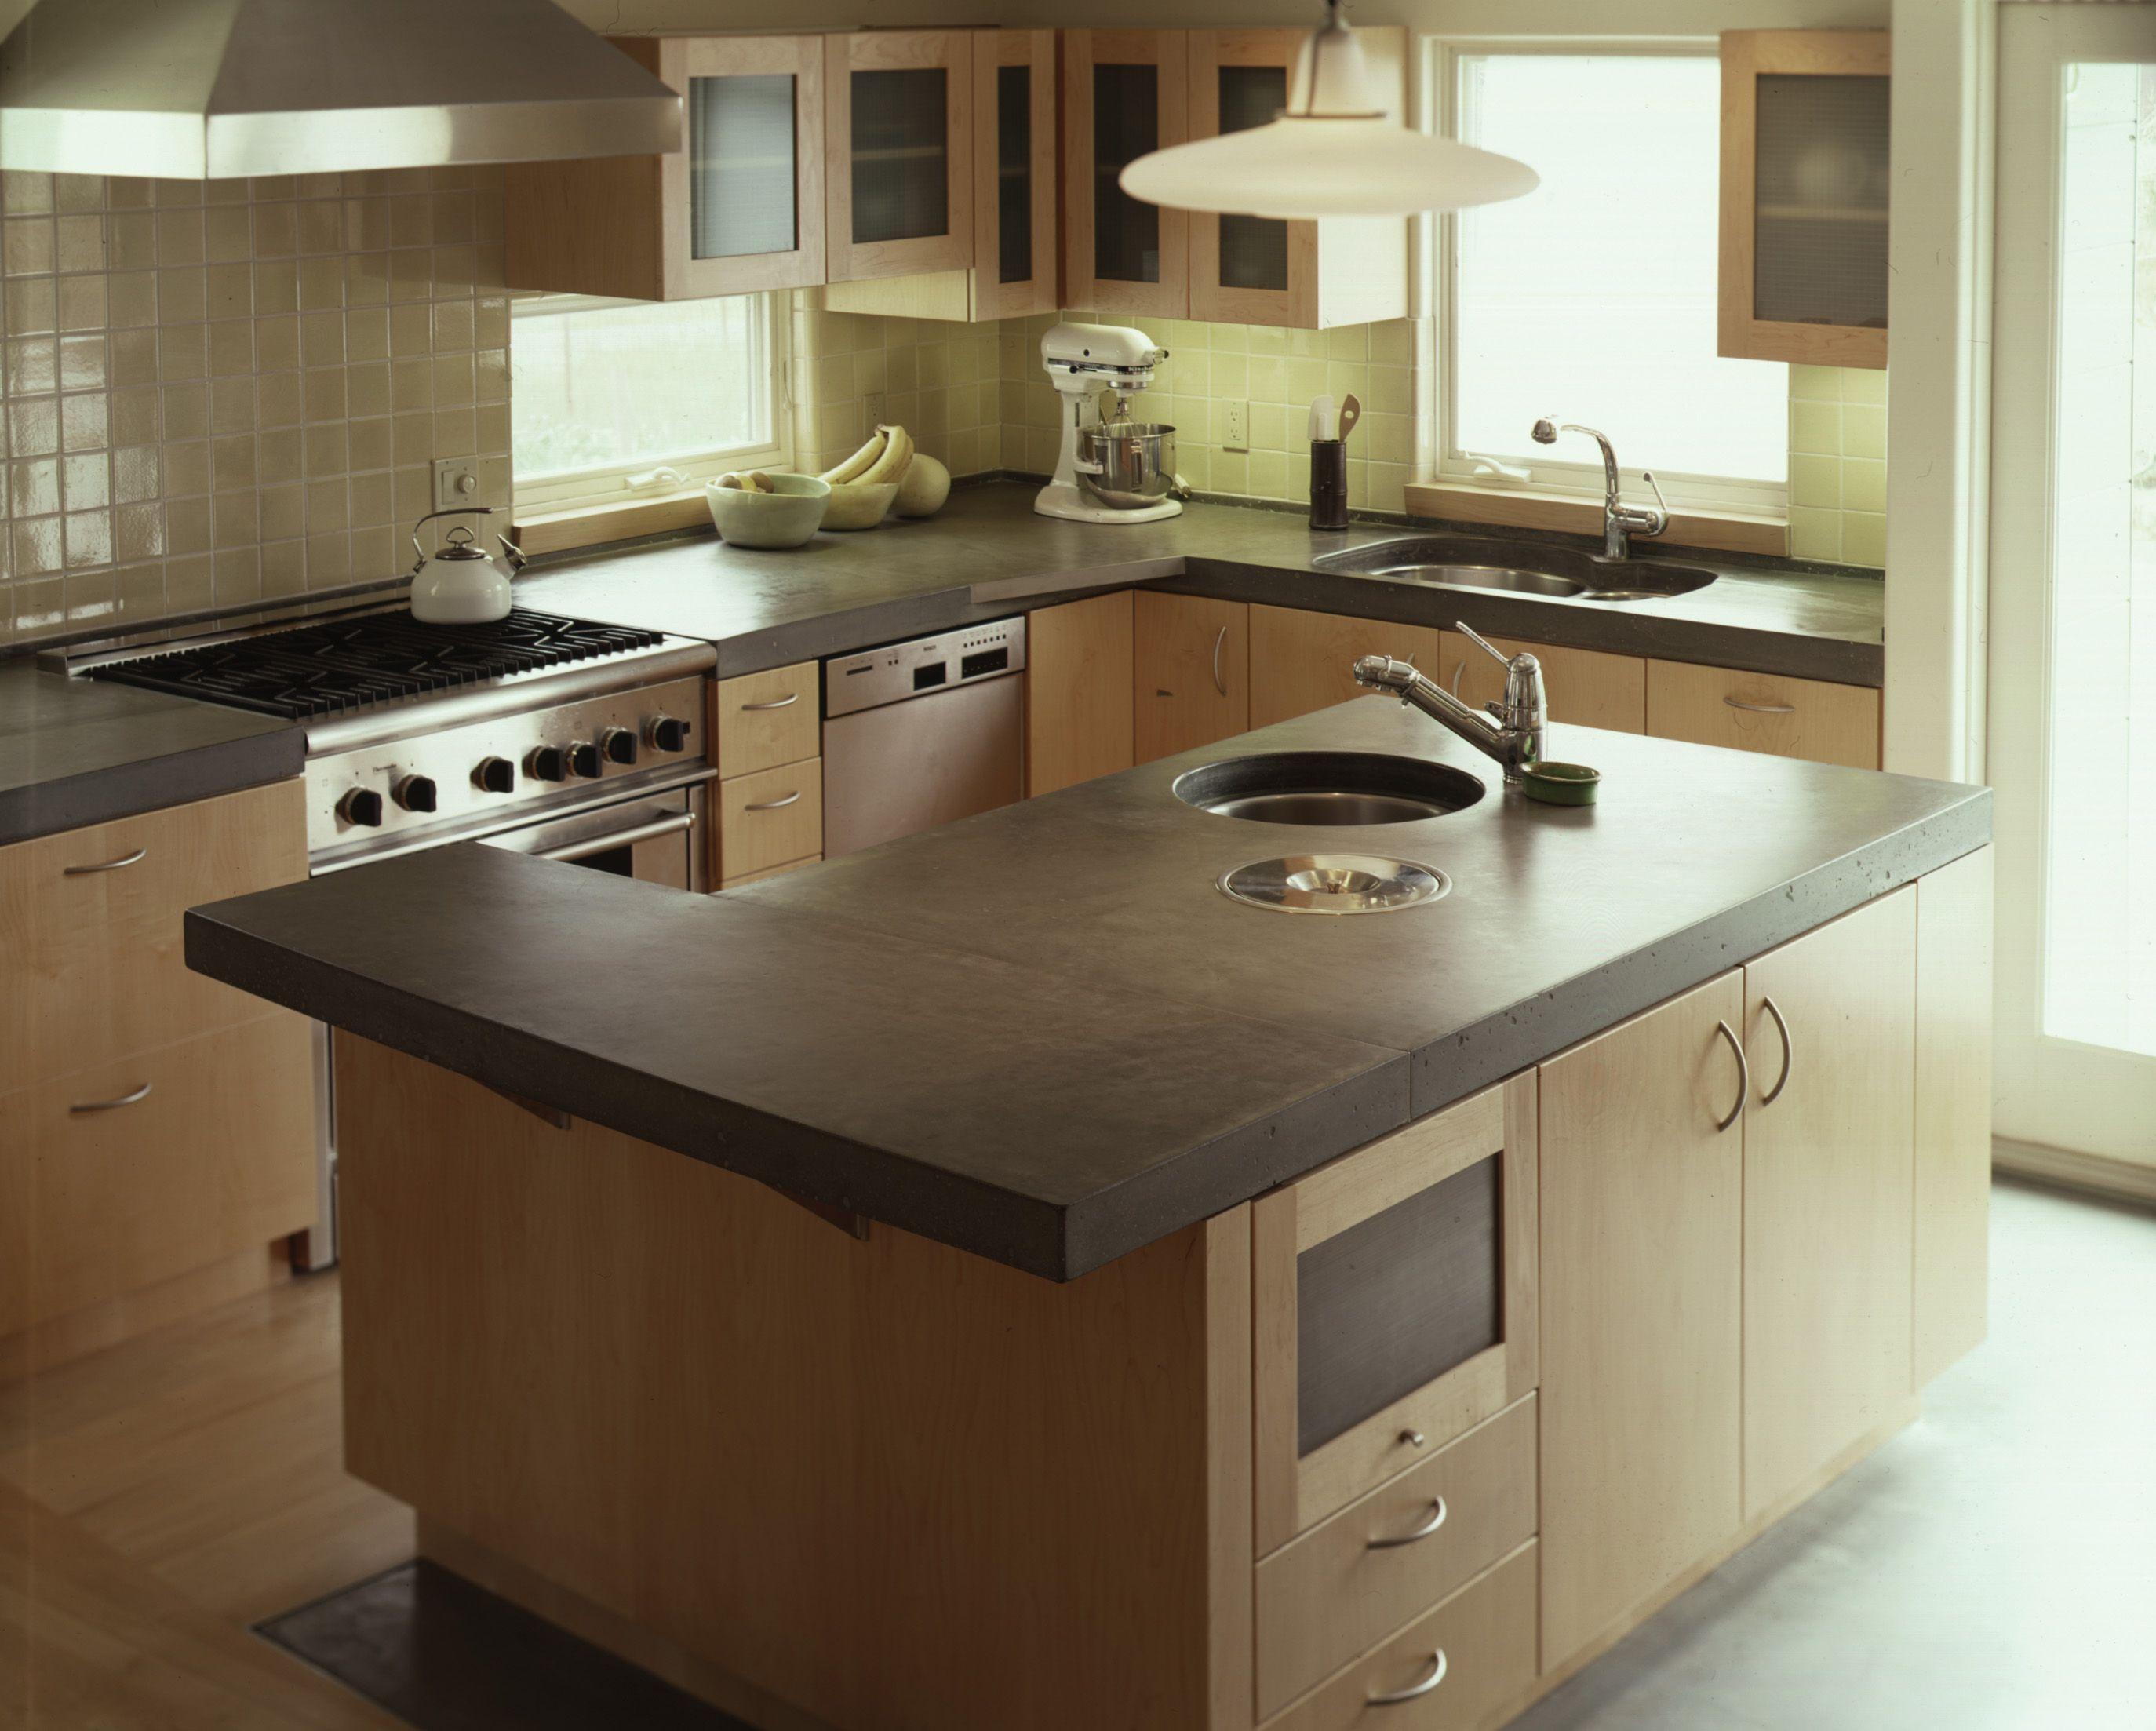 Küche Arbeitsplatte Entscheidungen Dies ist die neueste ...